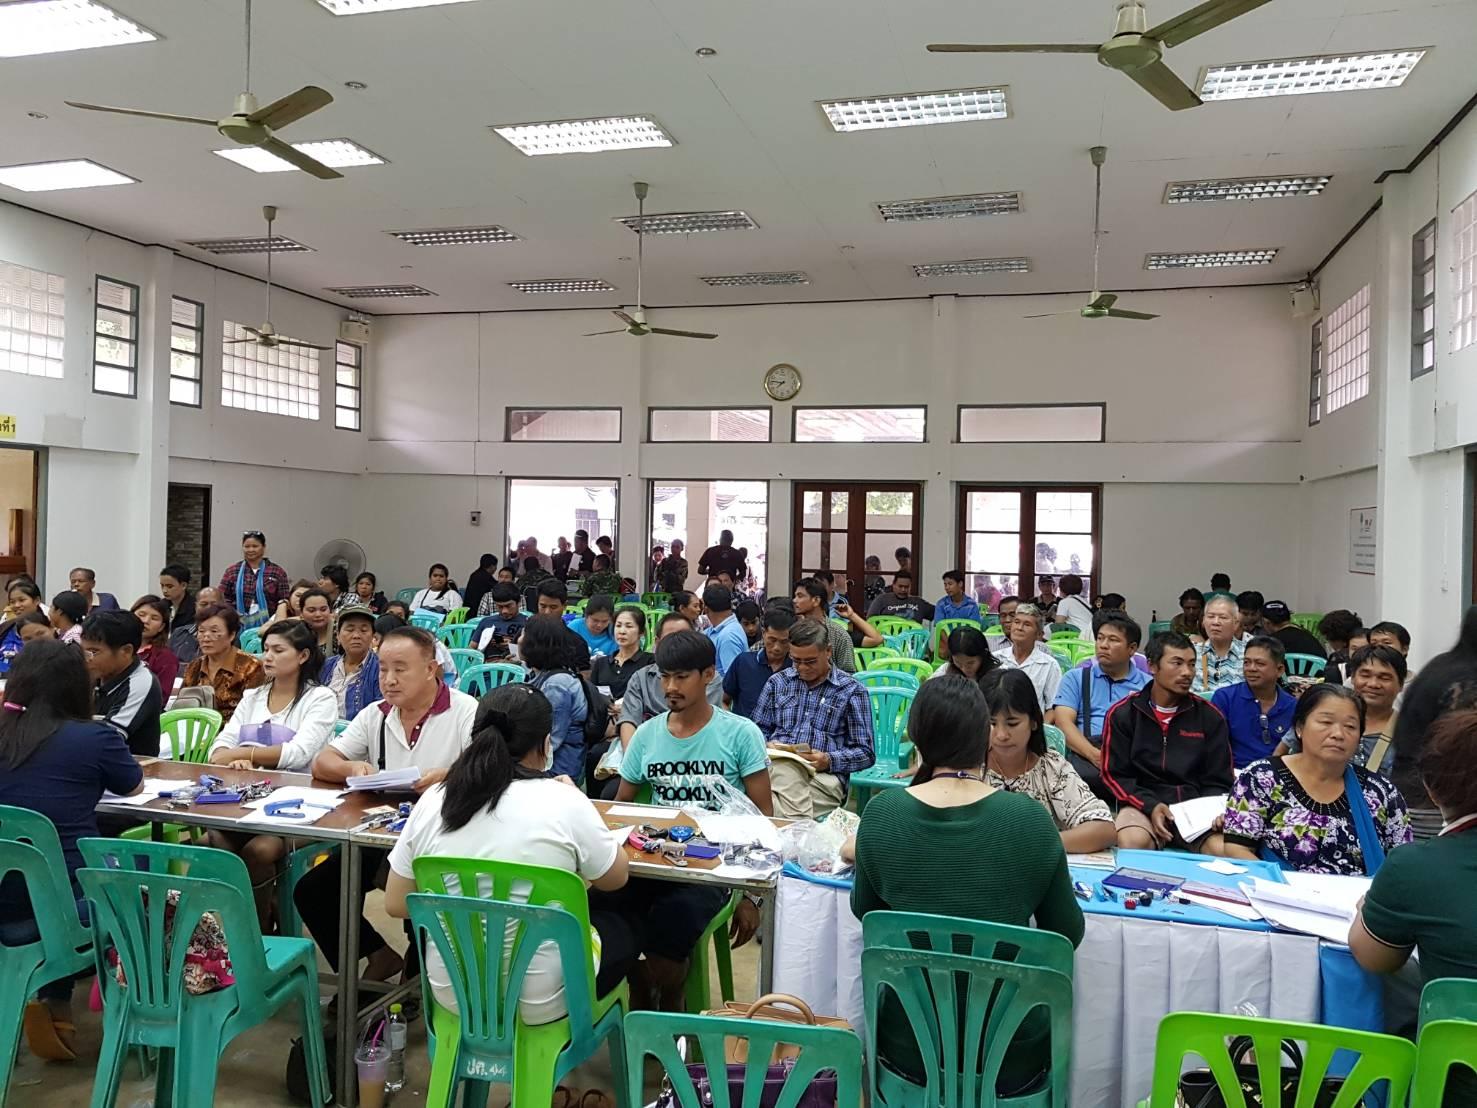 จัดหางานจังหวัดกาญจนบุรี เปิดให้บริการเคลื่อนที่